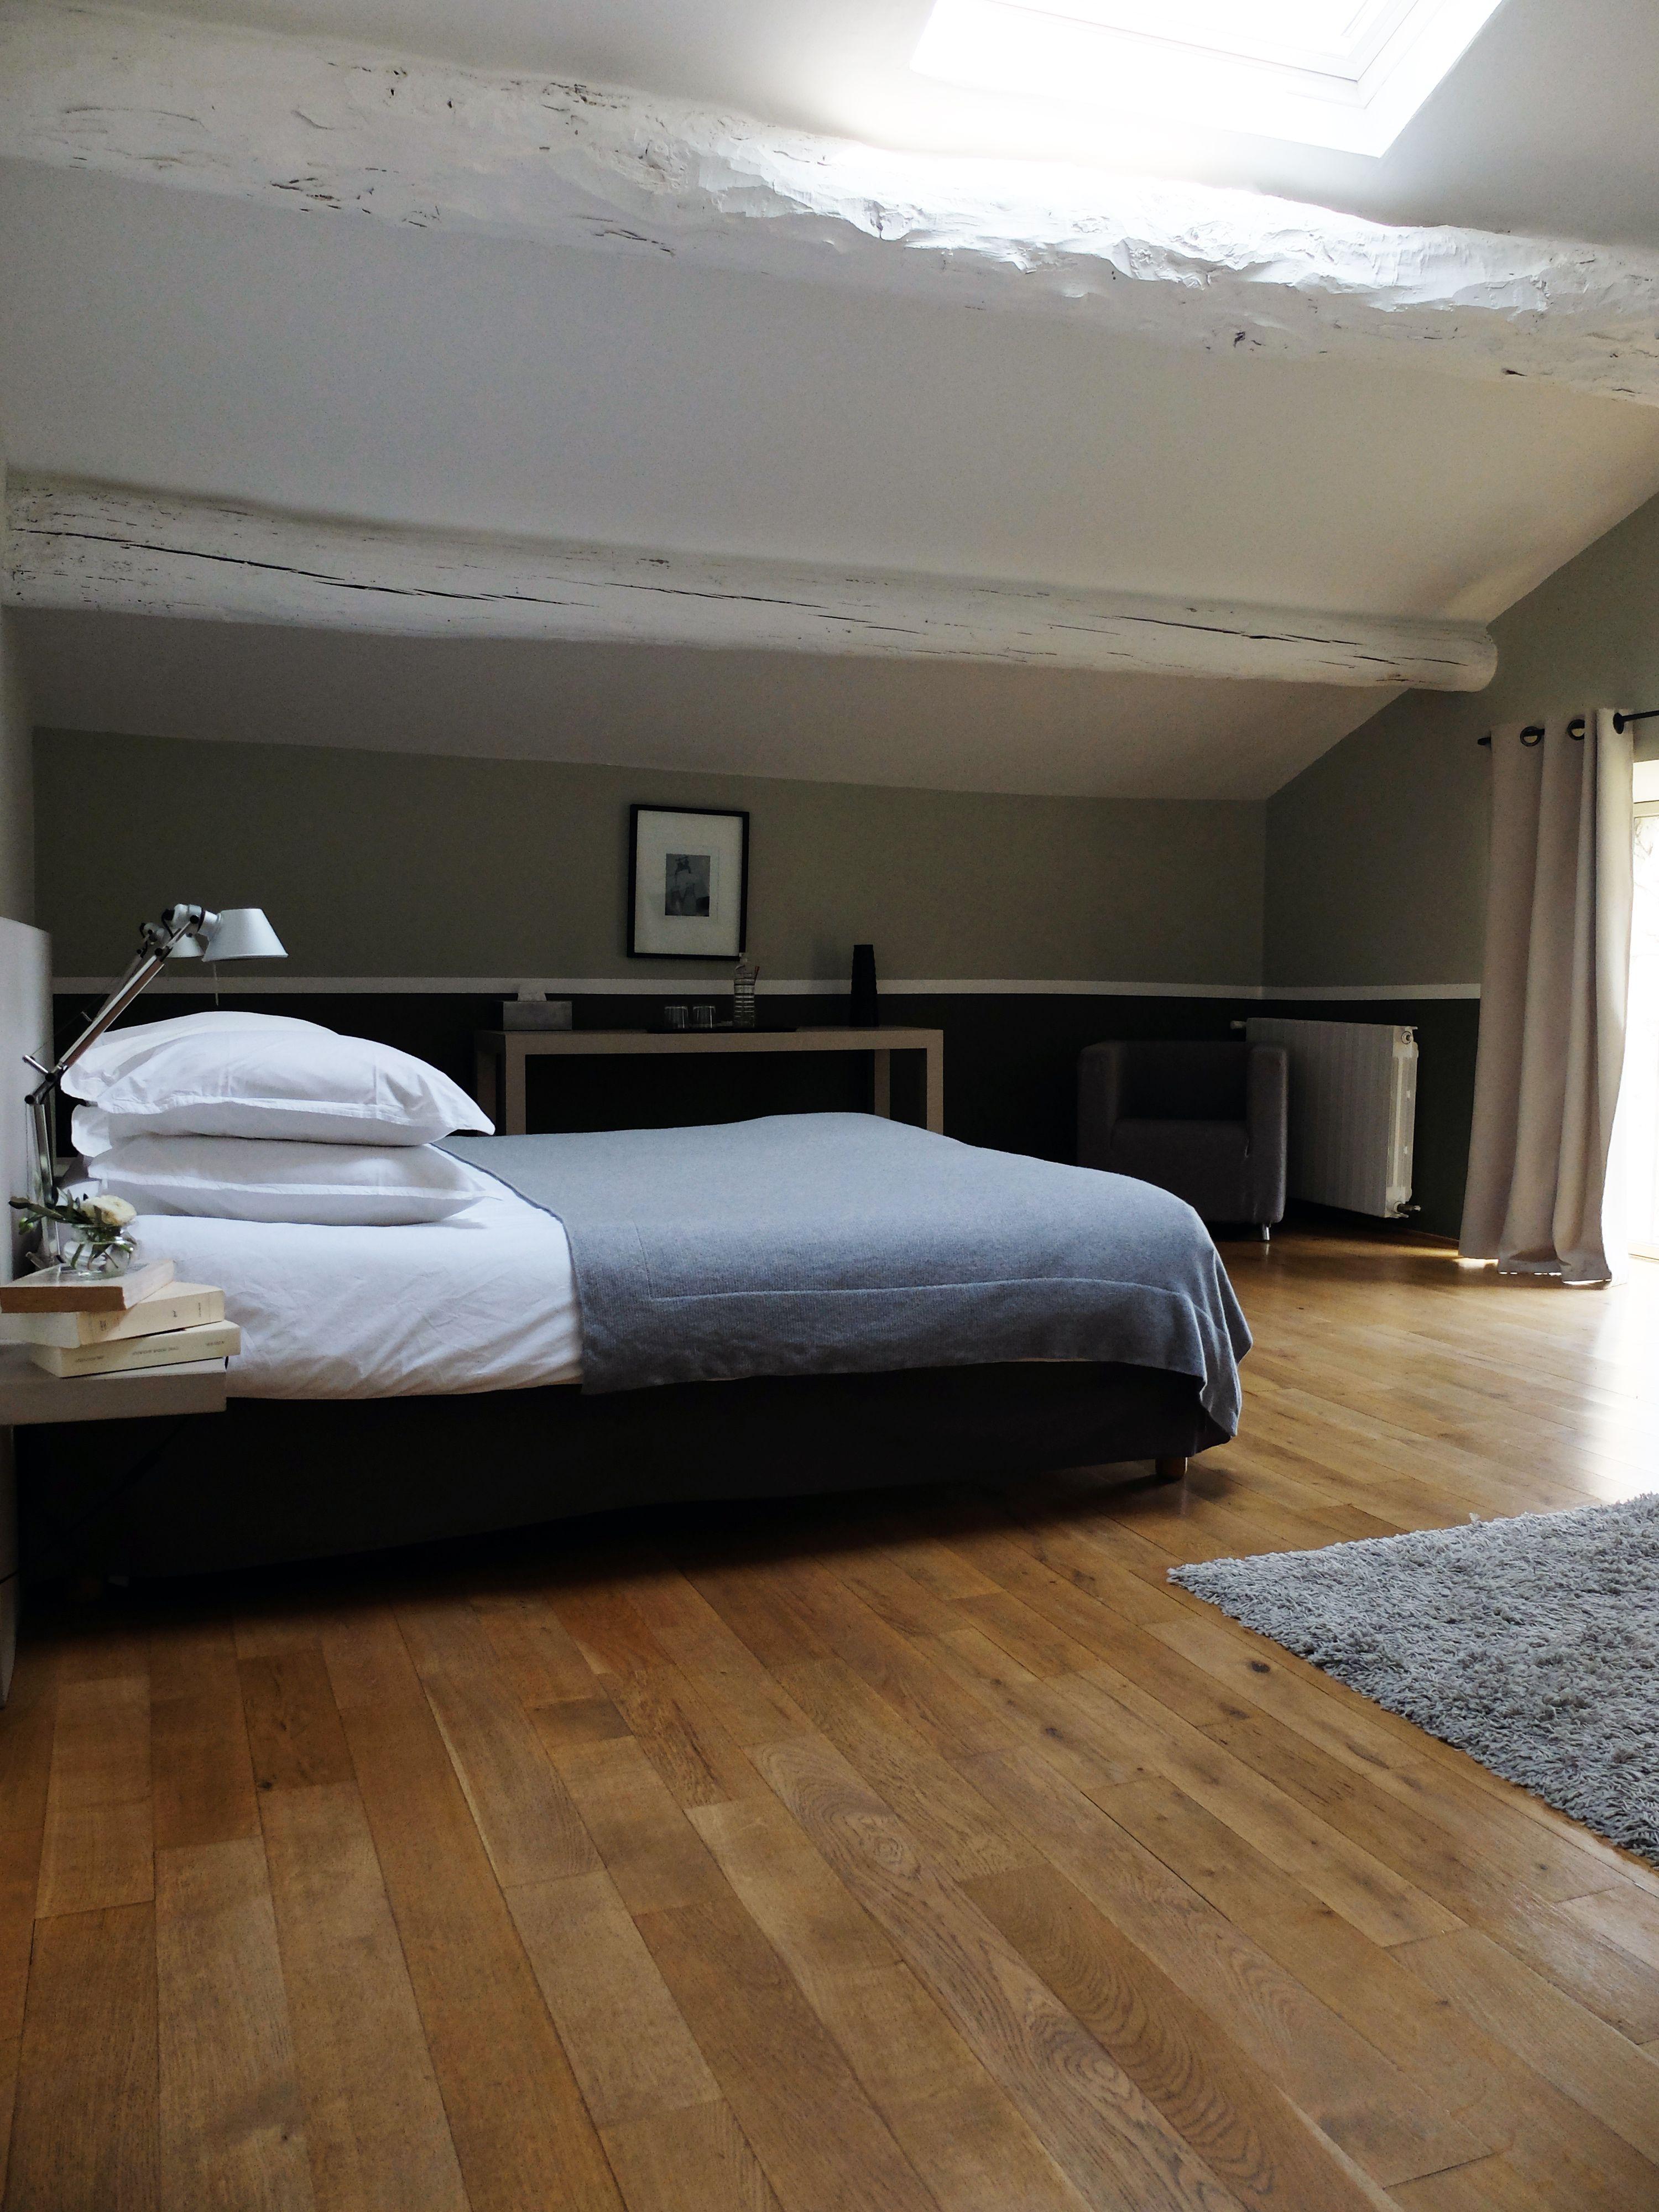 Chambre Lune, Mas des Songes, South of France, Provence, Bras de Morphée, Architecture, Décoration d'intérieur, Design, Raffinement